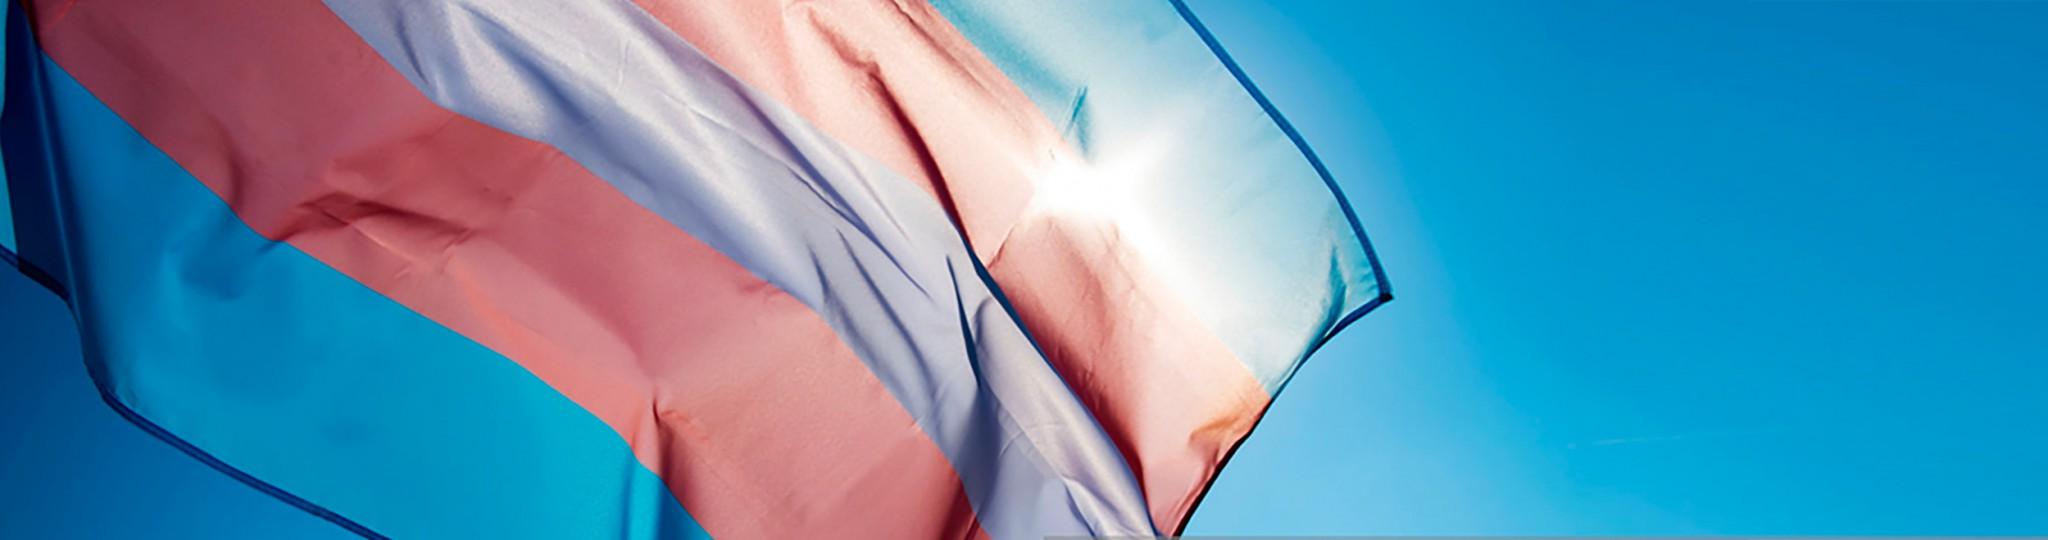 Infotrans.it è online, primo portale istituzionale UE per le persone transgender